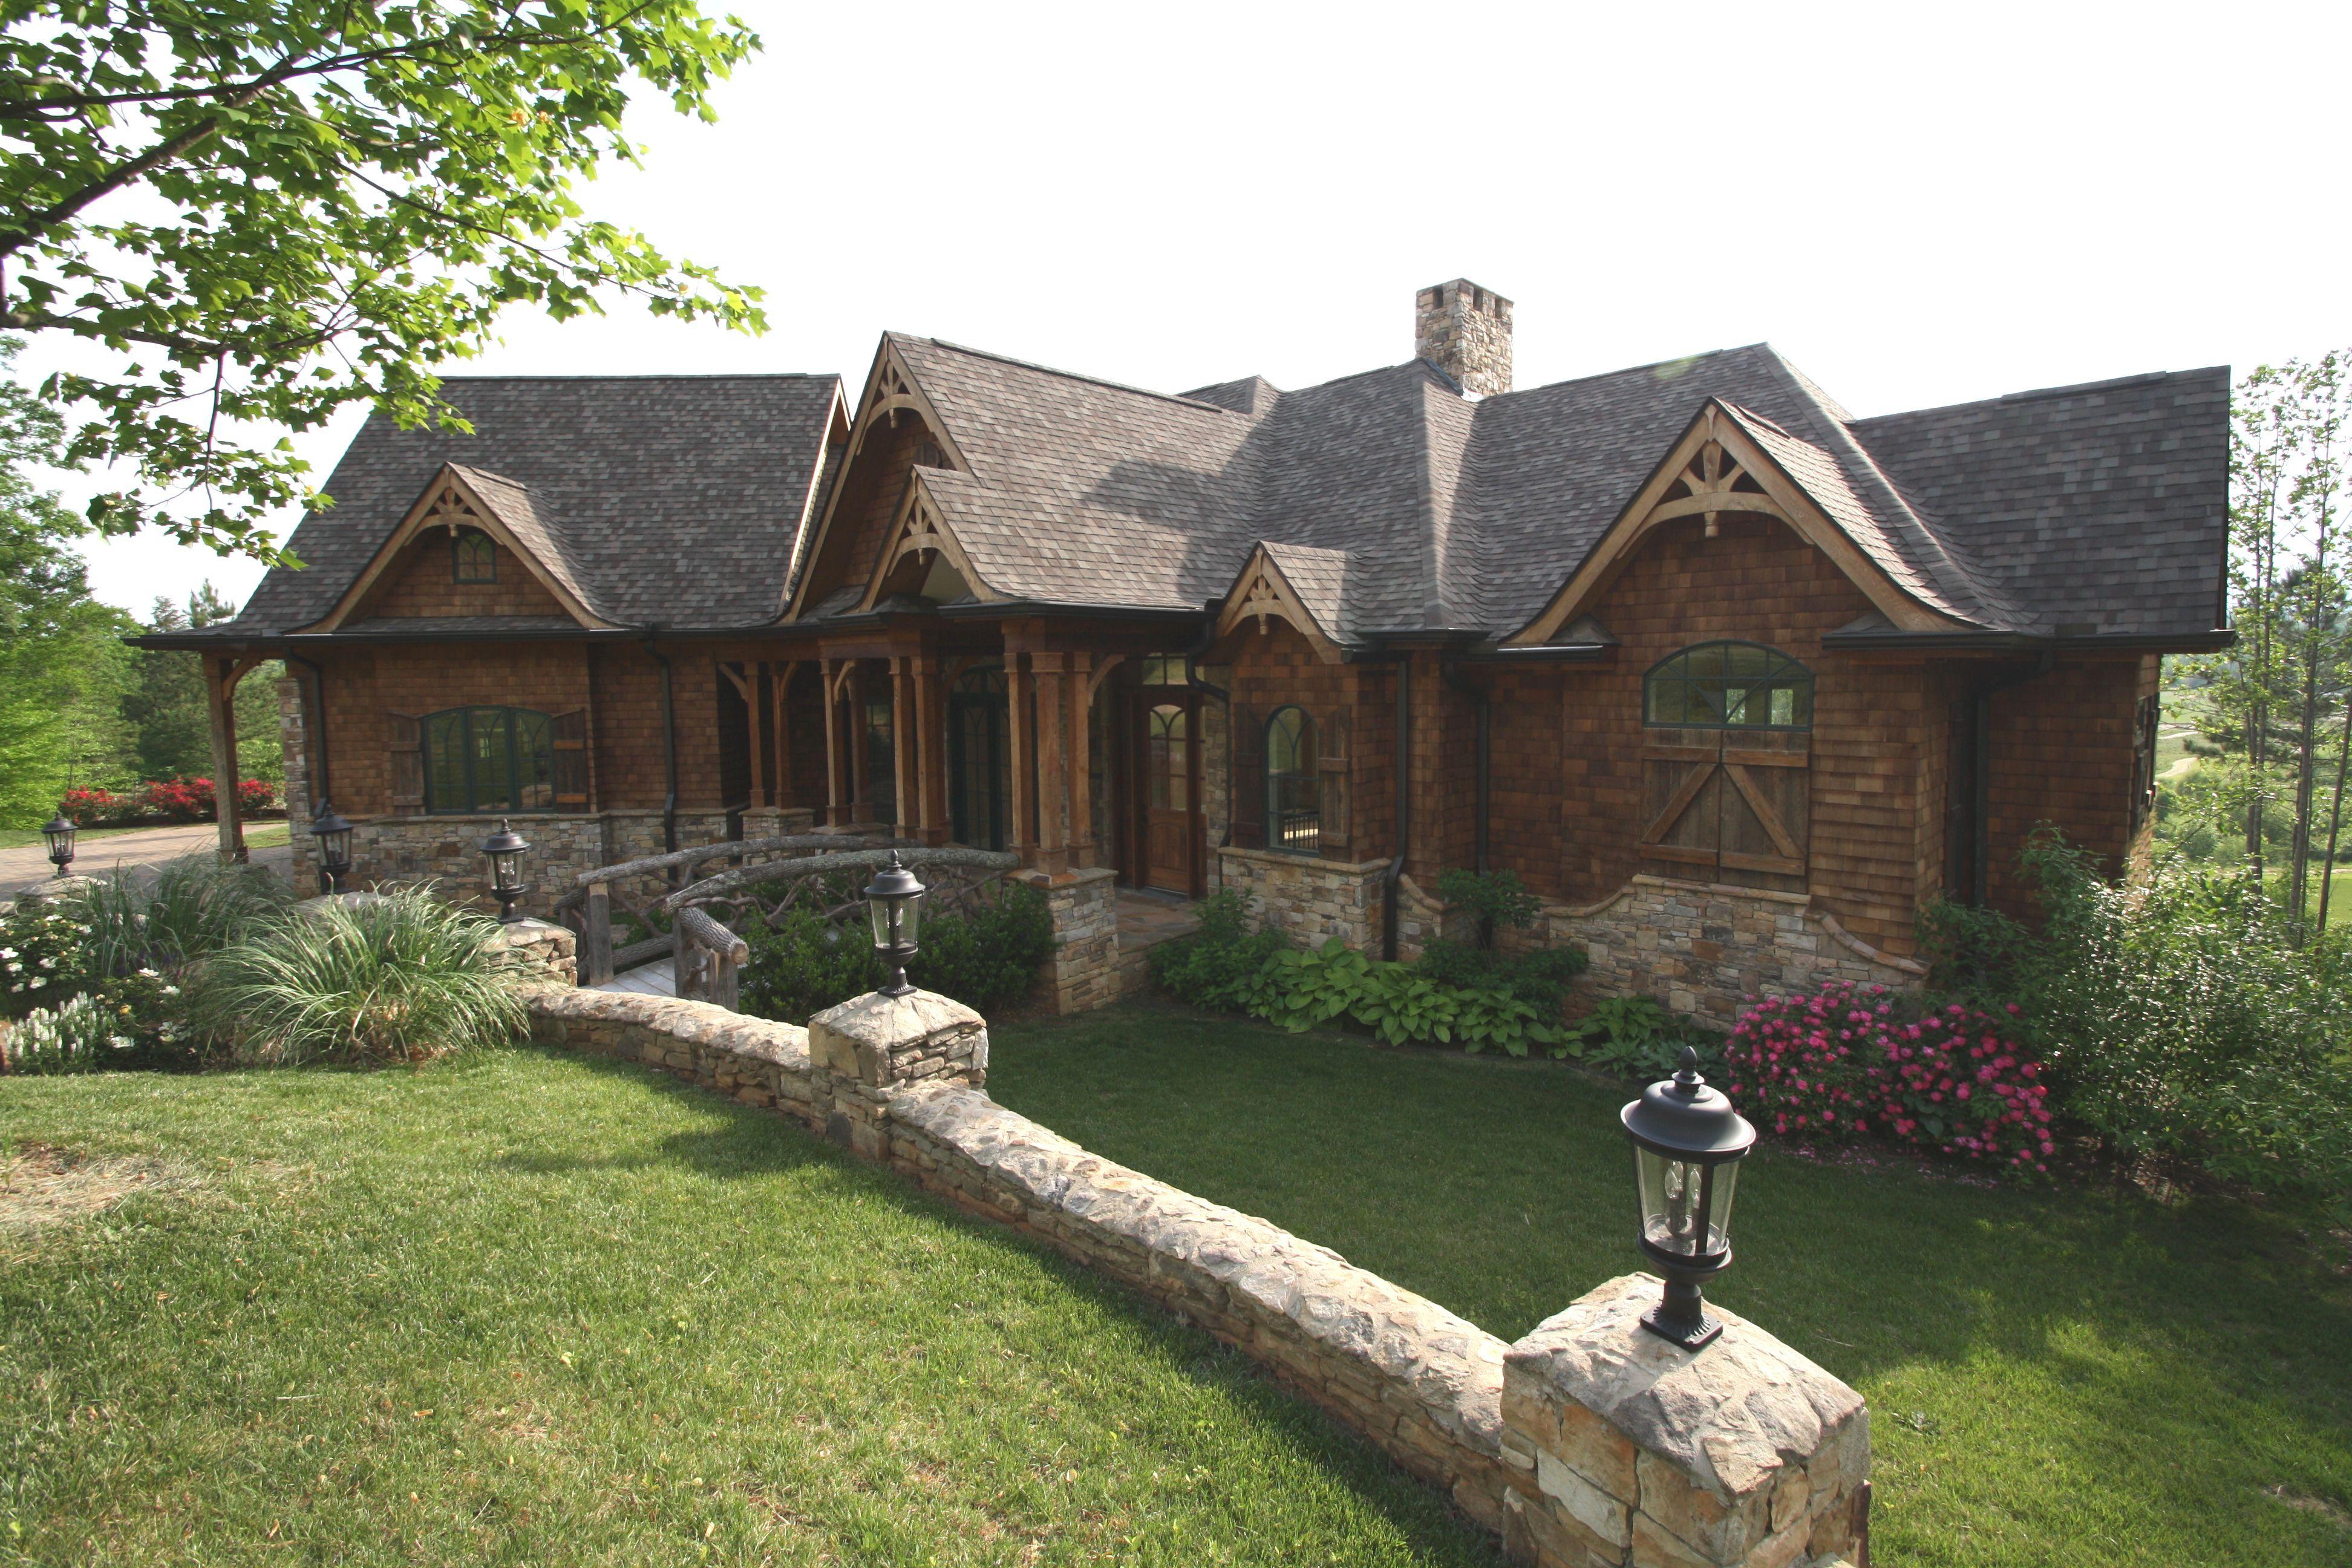 Tranquility House Plan Derivatives Garrell Associates Inc Rustic House Plans House Plans Rustic House